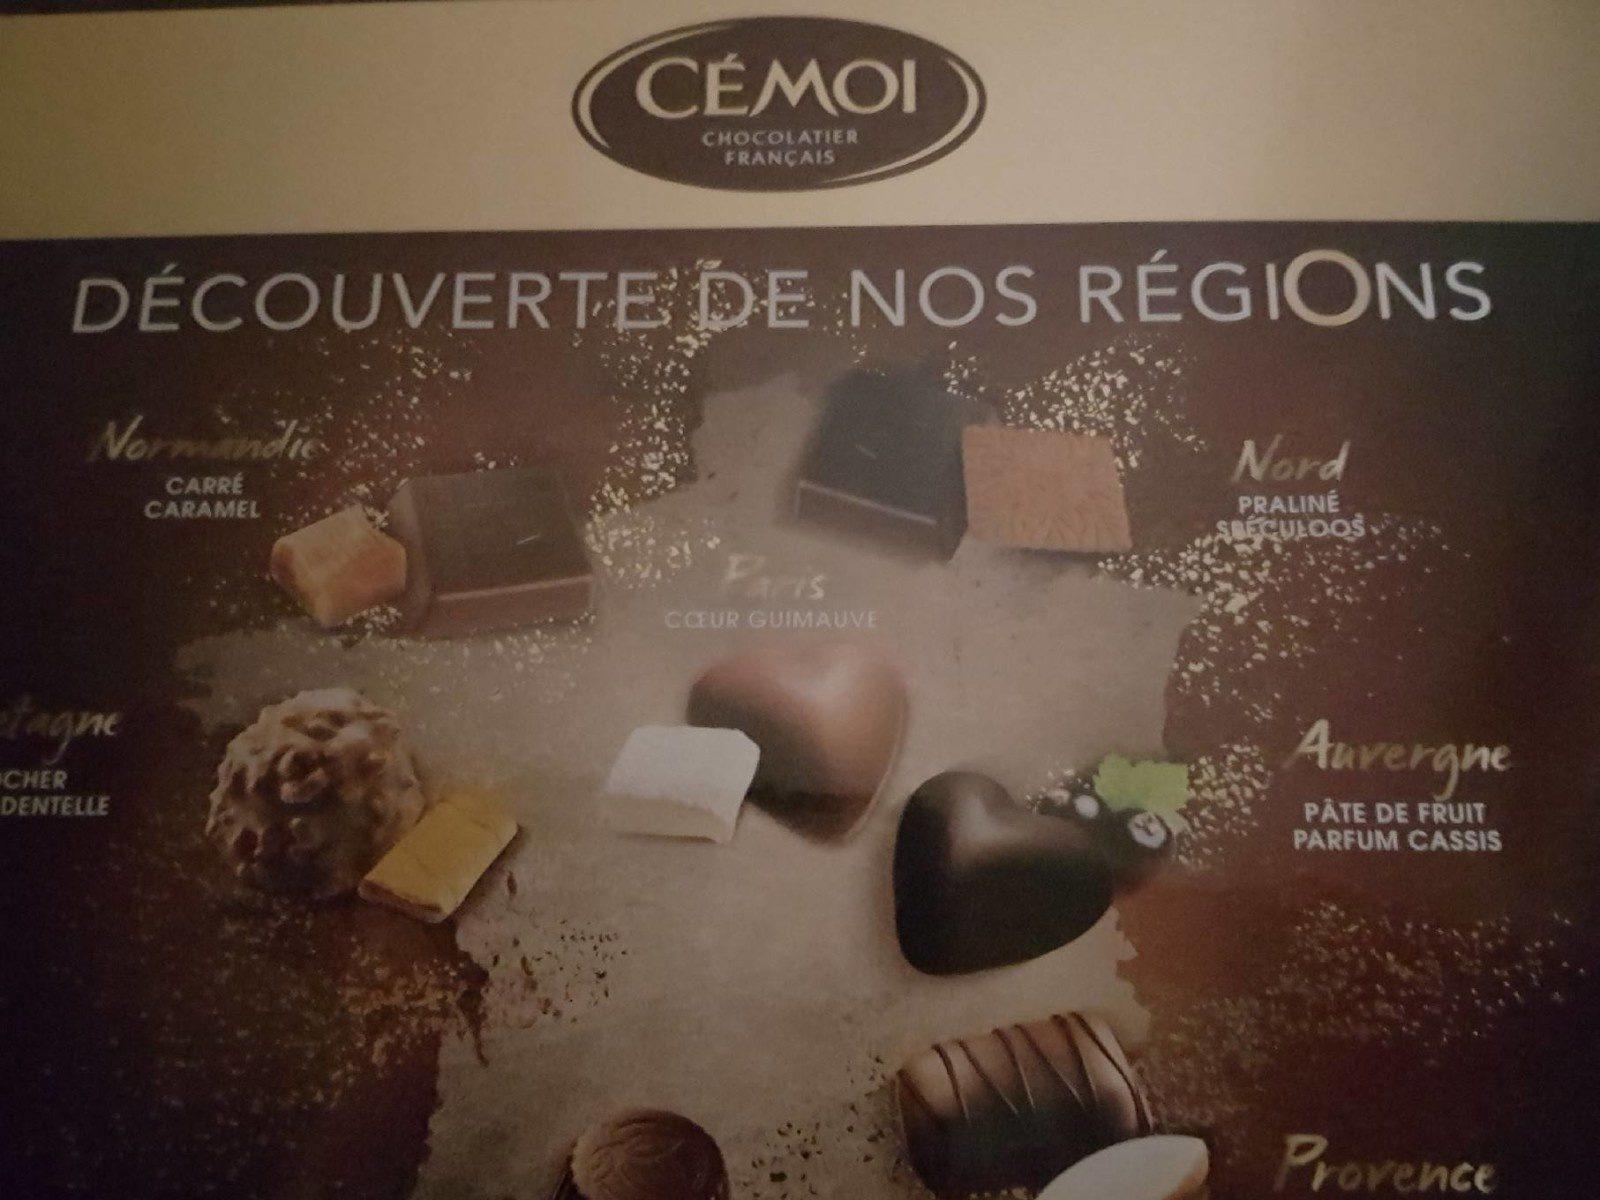 Cemoi decouverte de nos regions - Produit - fr